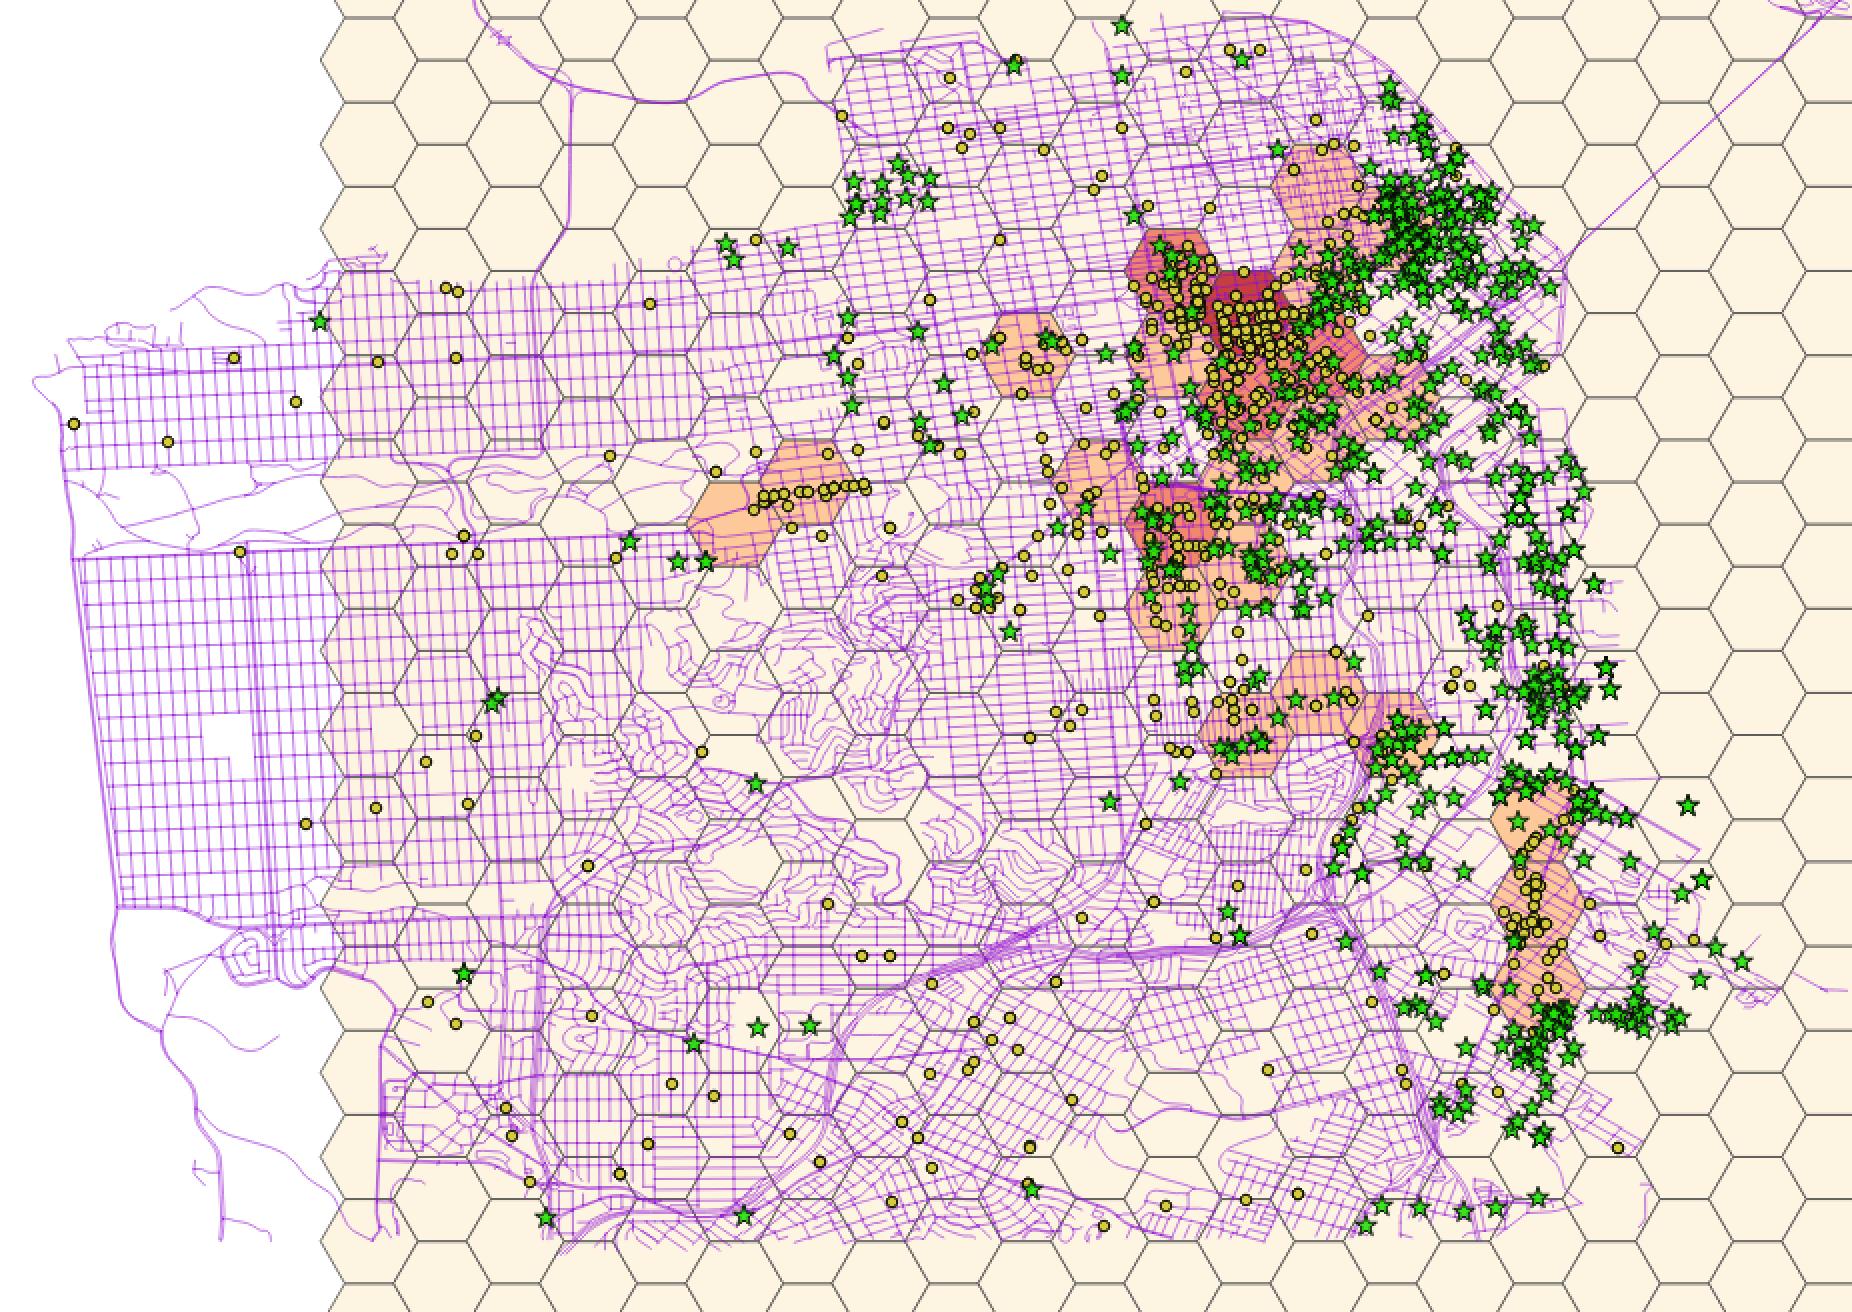 Creating a multi-layered QGIS map | Public Affairs Data